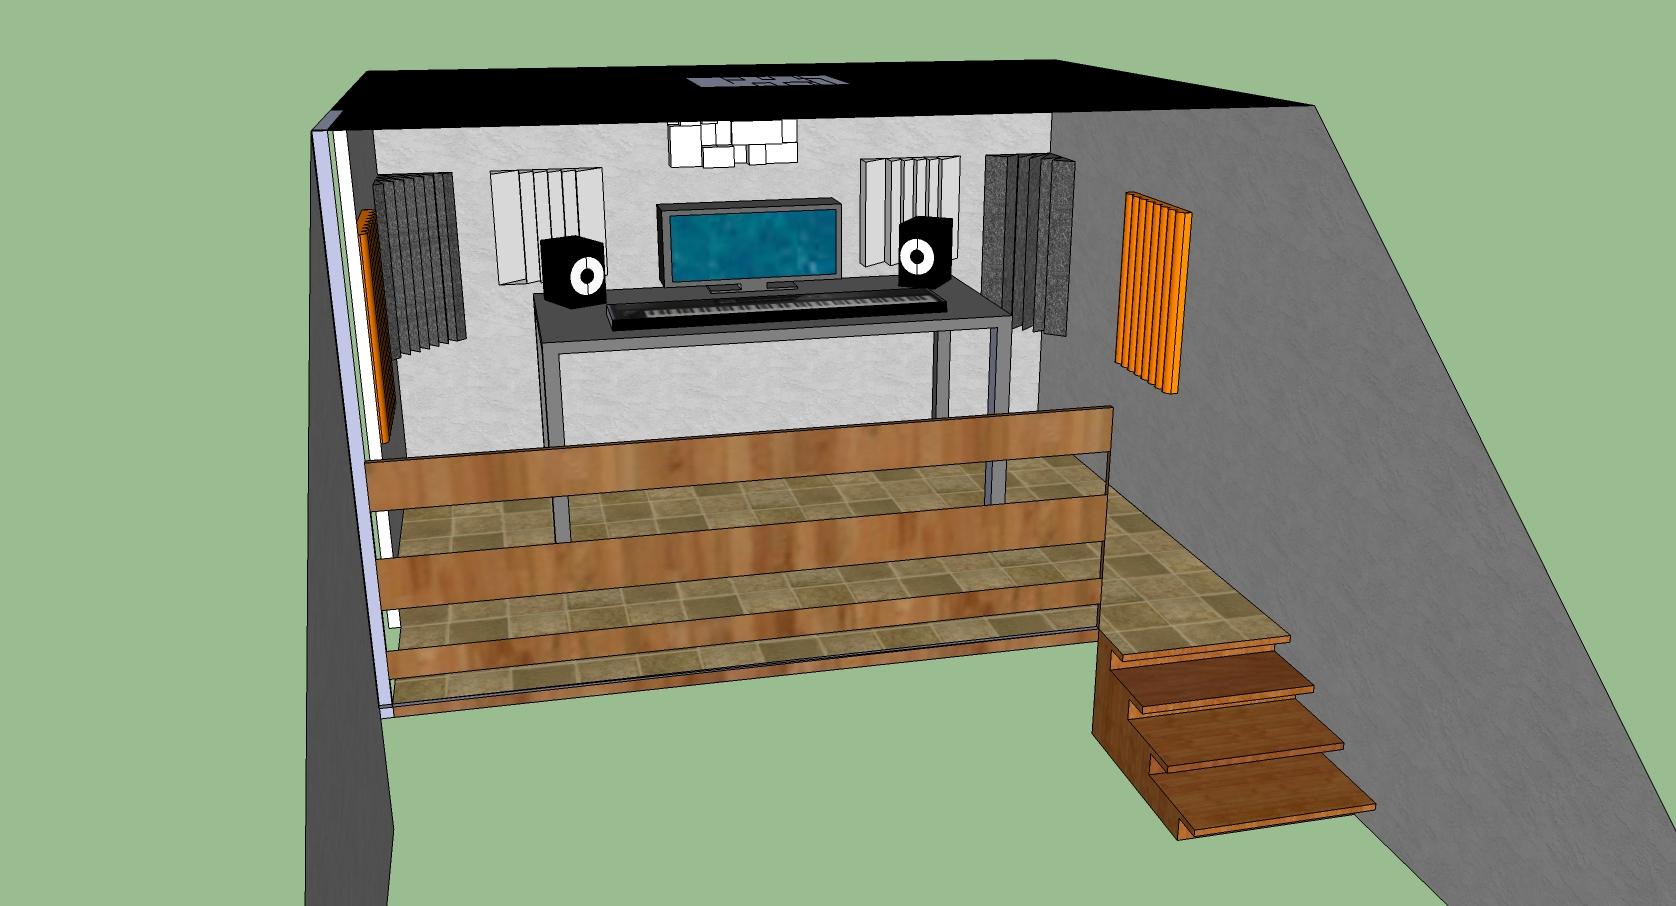 demande conseil acoustique de mon home studio forum mobilier accessoires am nagement studio. Black Bedroom Furniture Sets. Home Design Ideas